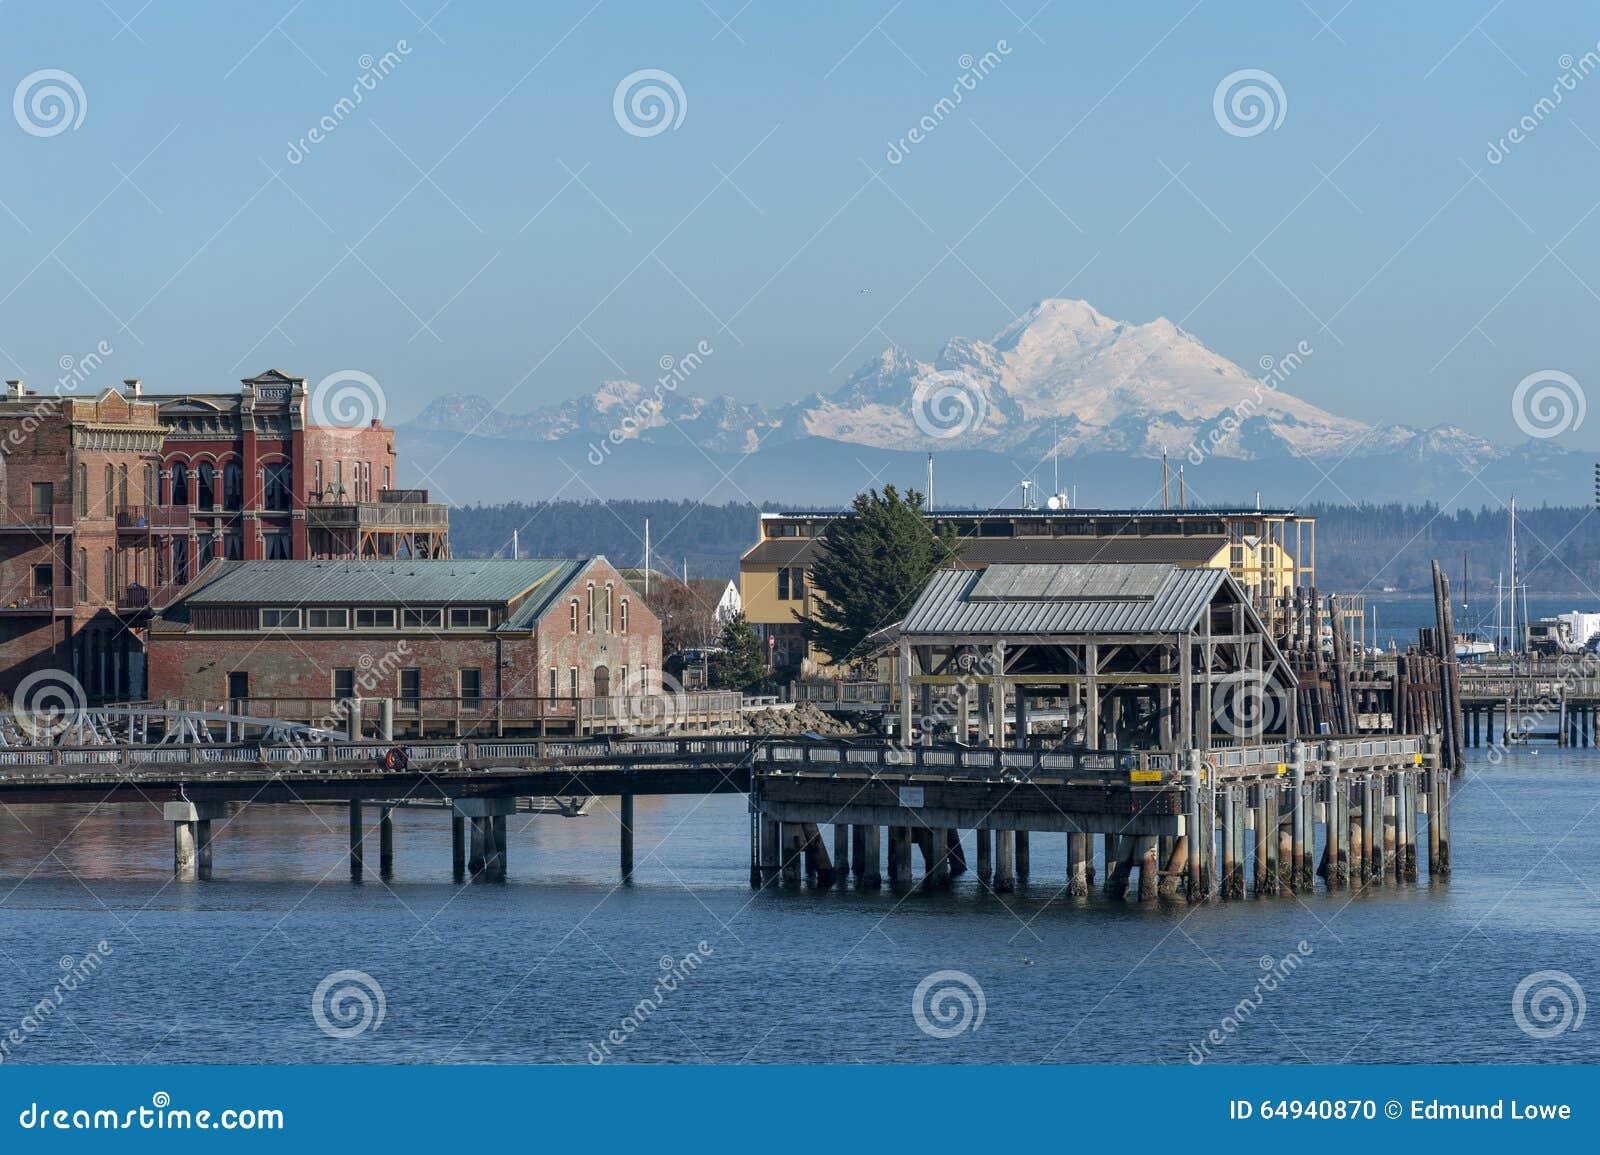 Puerto Townsend, Washington